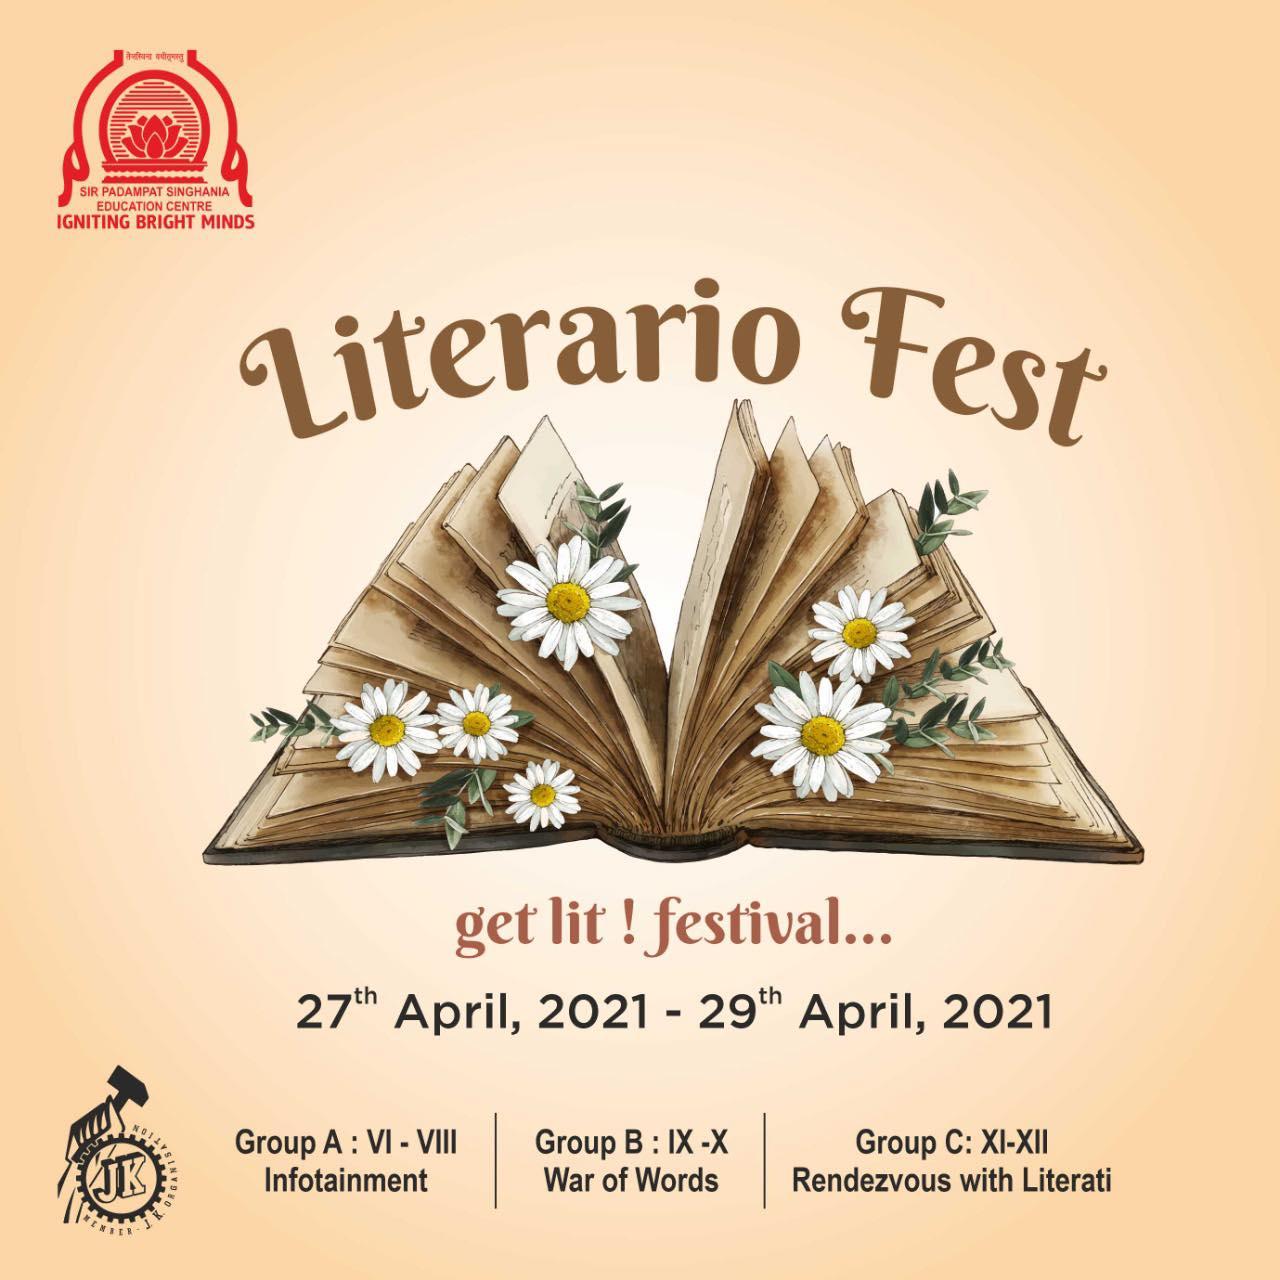 Literatio Fest MAIN